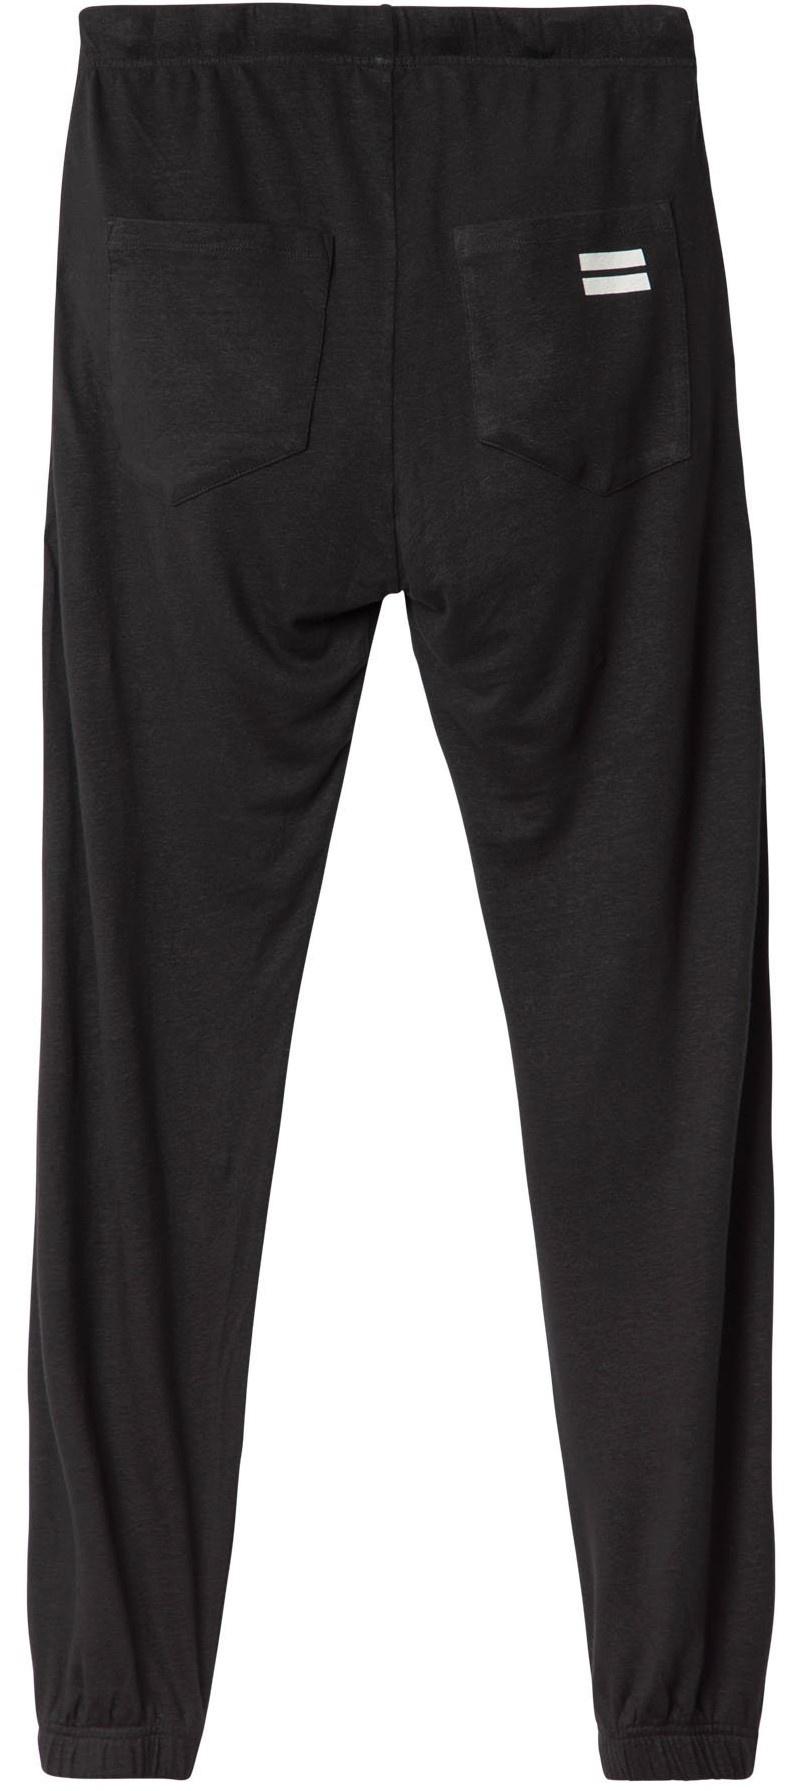 Broek jogger linen Black-3